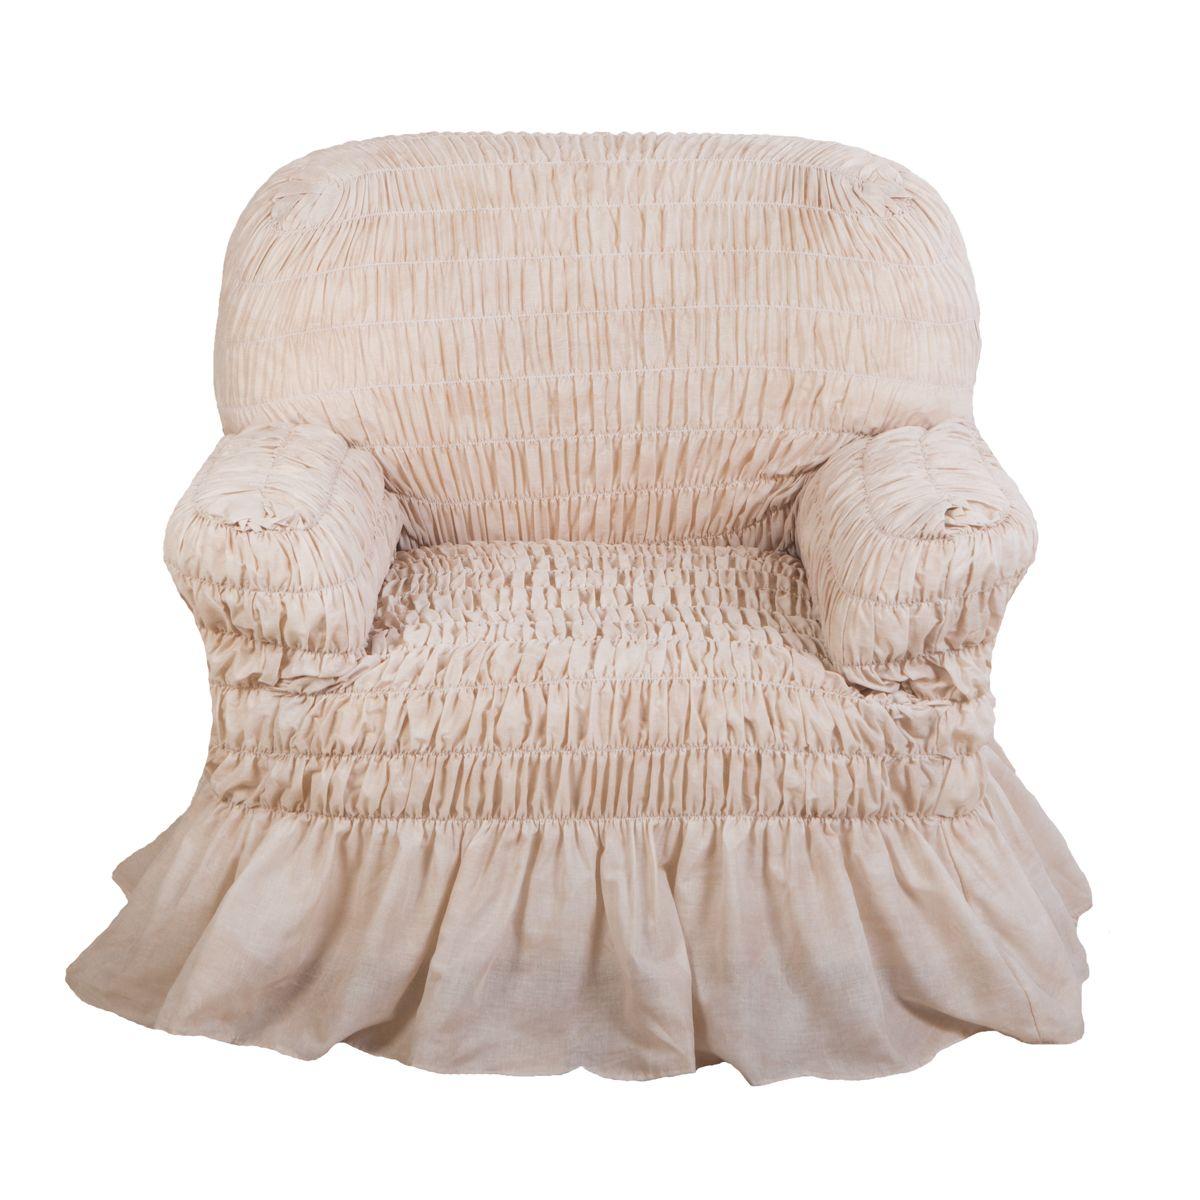 Фантазия Белый мрамор. Чехол на креслоФантазия<br>Коллекция «Фантазия» - лучшее решение для романтичного дизайна интерьера. <br> <br> Чехлы этой коллекции выполнены из воздушной ткани с элегантной оборкой. Цветочные принты, спокойные пастельные тона добавят атмосфере весеннего очарования и легкости. Полиэсте...<br>